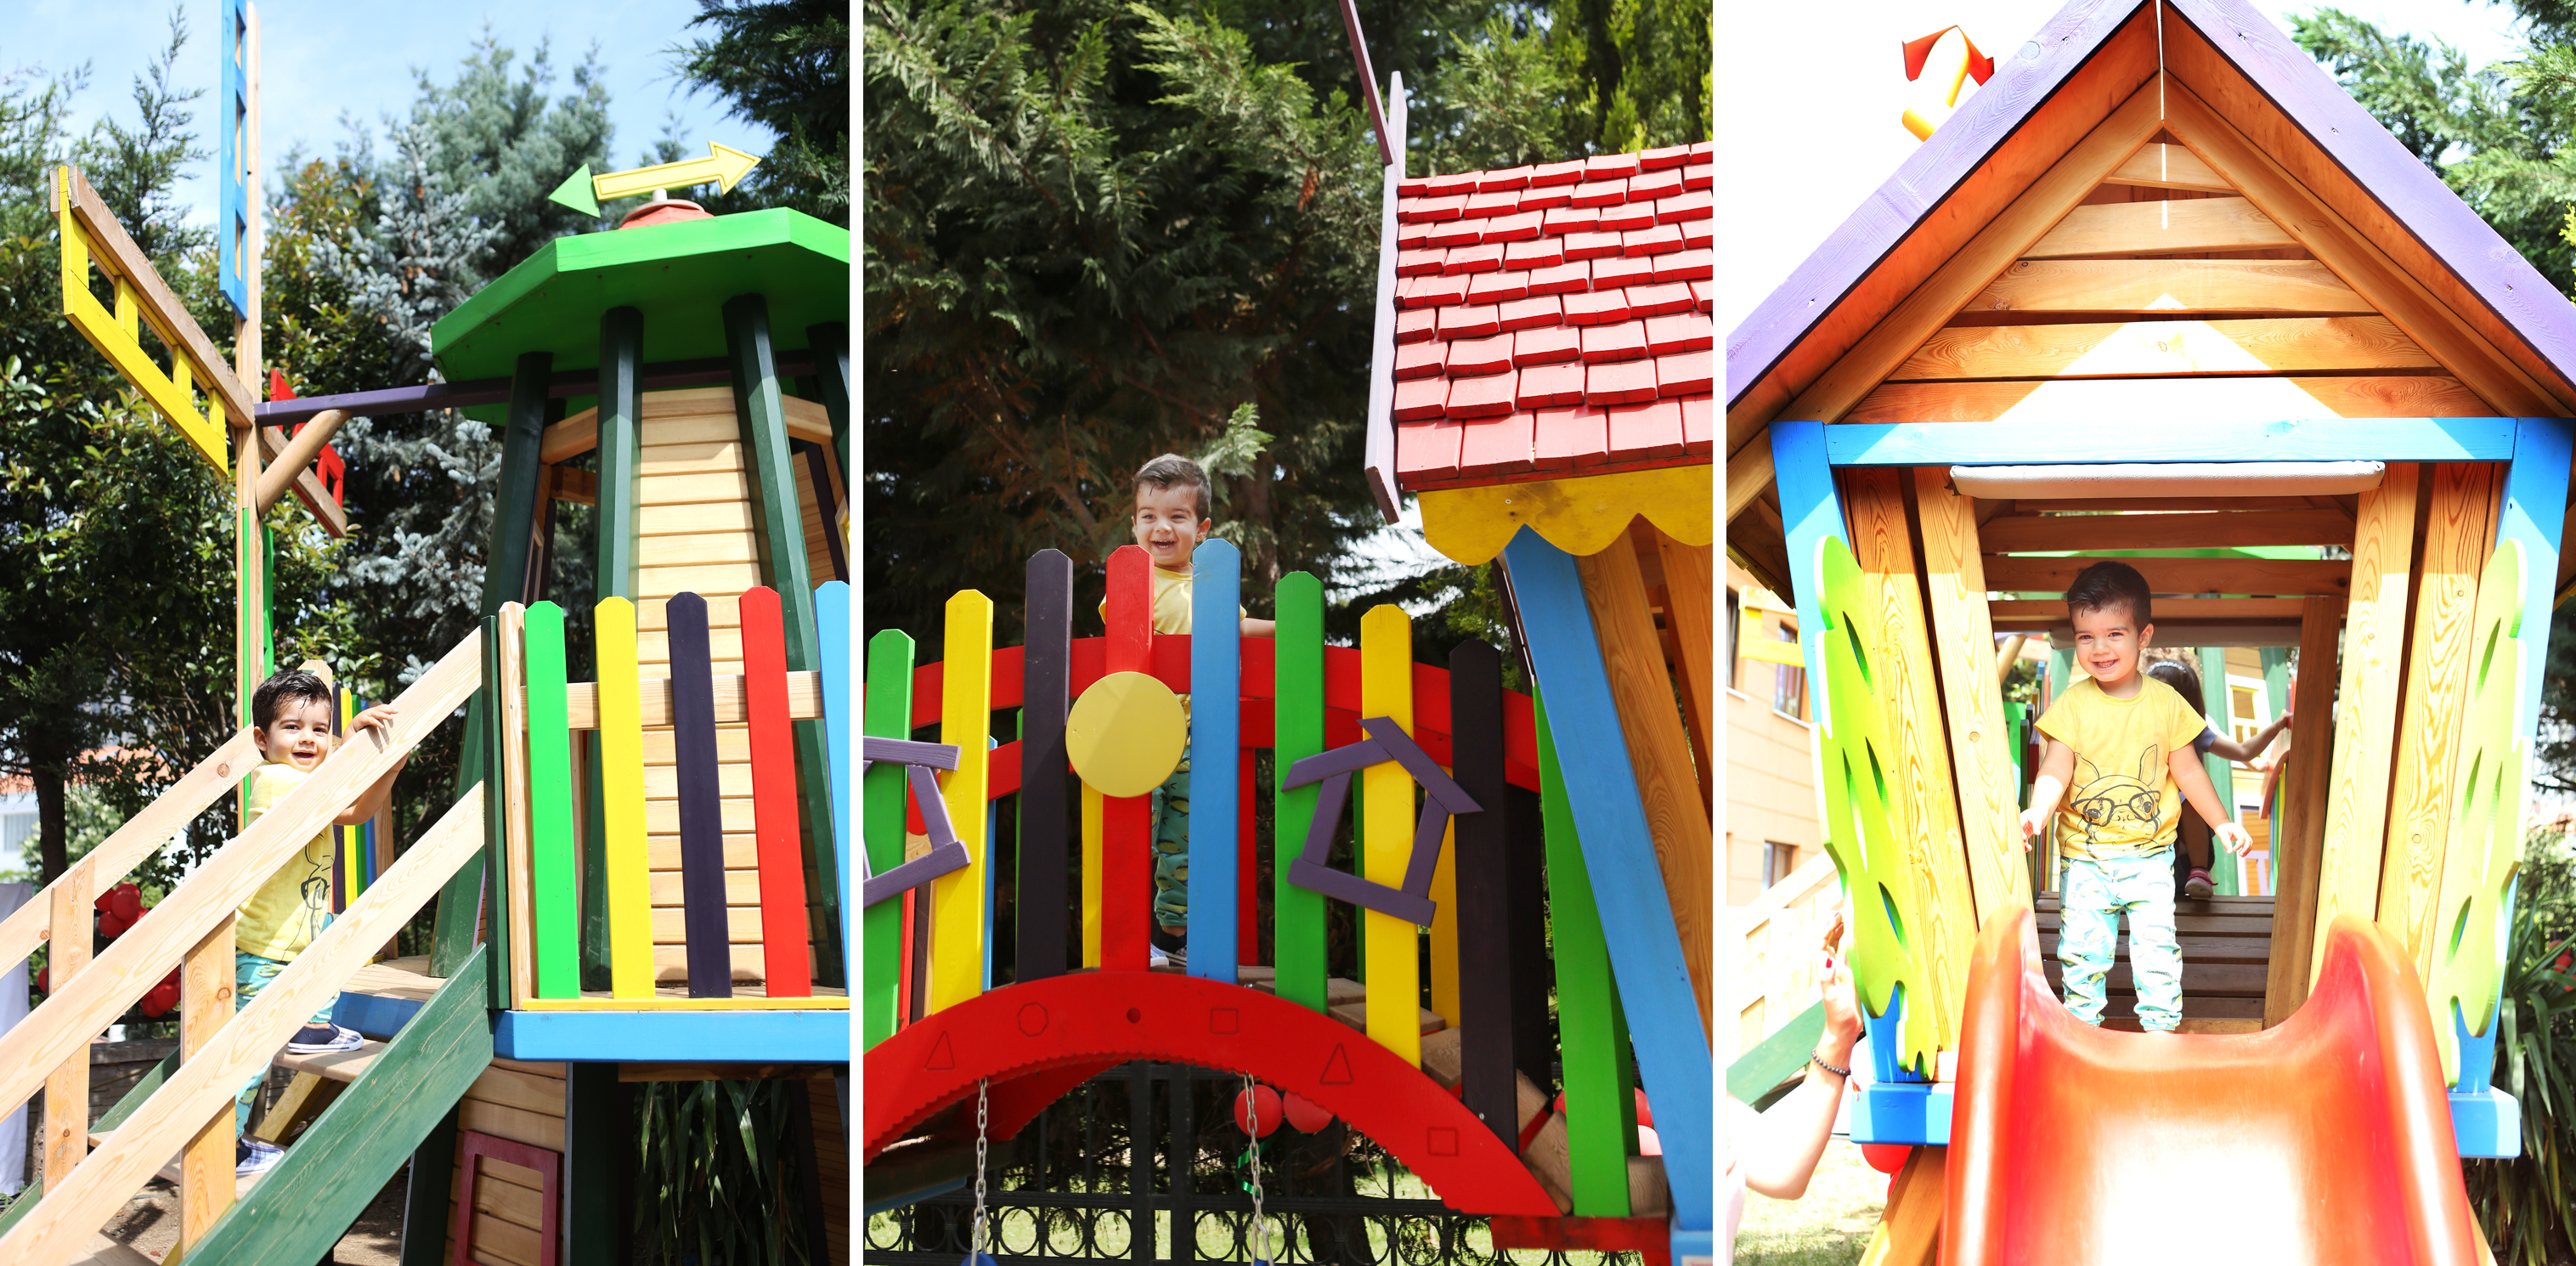 new school ataşehir bahçe 2, New School Ataşehir, Anaokulu, Yuva, Kreş, Okul Seçimi, Anaokulu Seçimi, Playschool, Önokul, 2 Yaş, 2 Yaş Eğitimi, Anne Oğul, Bebek Eğitimi